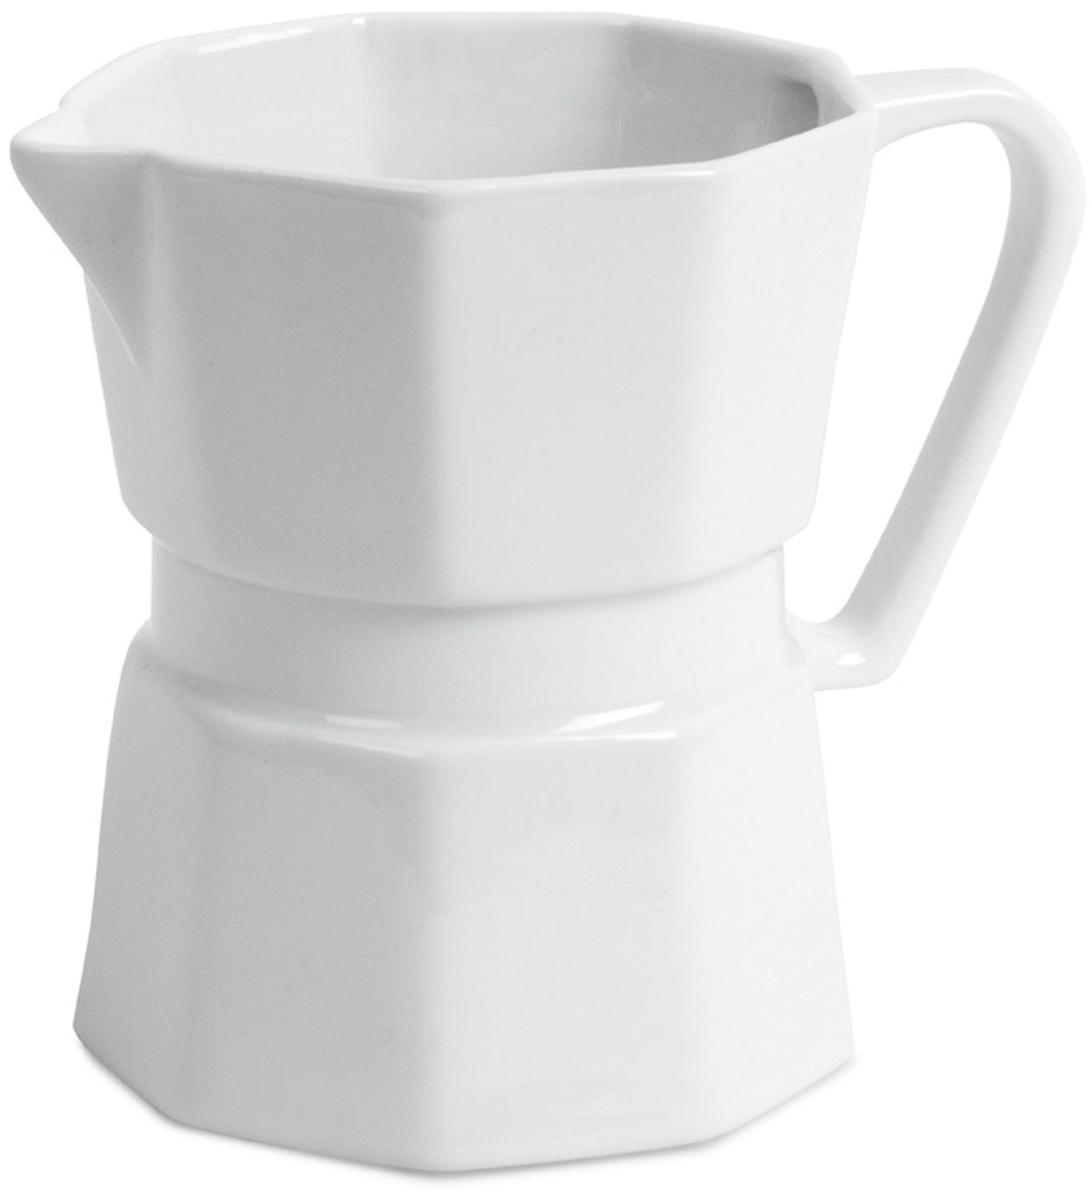 Кружка Balvi Moka, цвет: белый, 400 мл391602Если вы любите кофе, то стильная и современная кружка Moka станет для вас незаменимой вещью в повседневном использовании. Кружка с виду напоминает чайничек для заваривания кофе и изготовлена из очень качественной керамики. Благодаря специальному носику Moka можно использовать и как молочник. Эта кружка станет настоящим открытие для людей, которые предпочитают практичность и надежность. Толстые стенки кружки защитят вас от обжигания рук. Истинные ценители кофейных напитков наверняка оценят завораживающий вкус кофе, который не потеряет своих первозданных качеств благодаря кружке Moka.-Привлекательный дизайн в форме чайничка для кофе-Изготовлена из белоснежной керамики-Объем кружки 400 мл